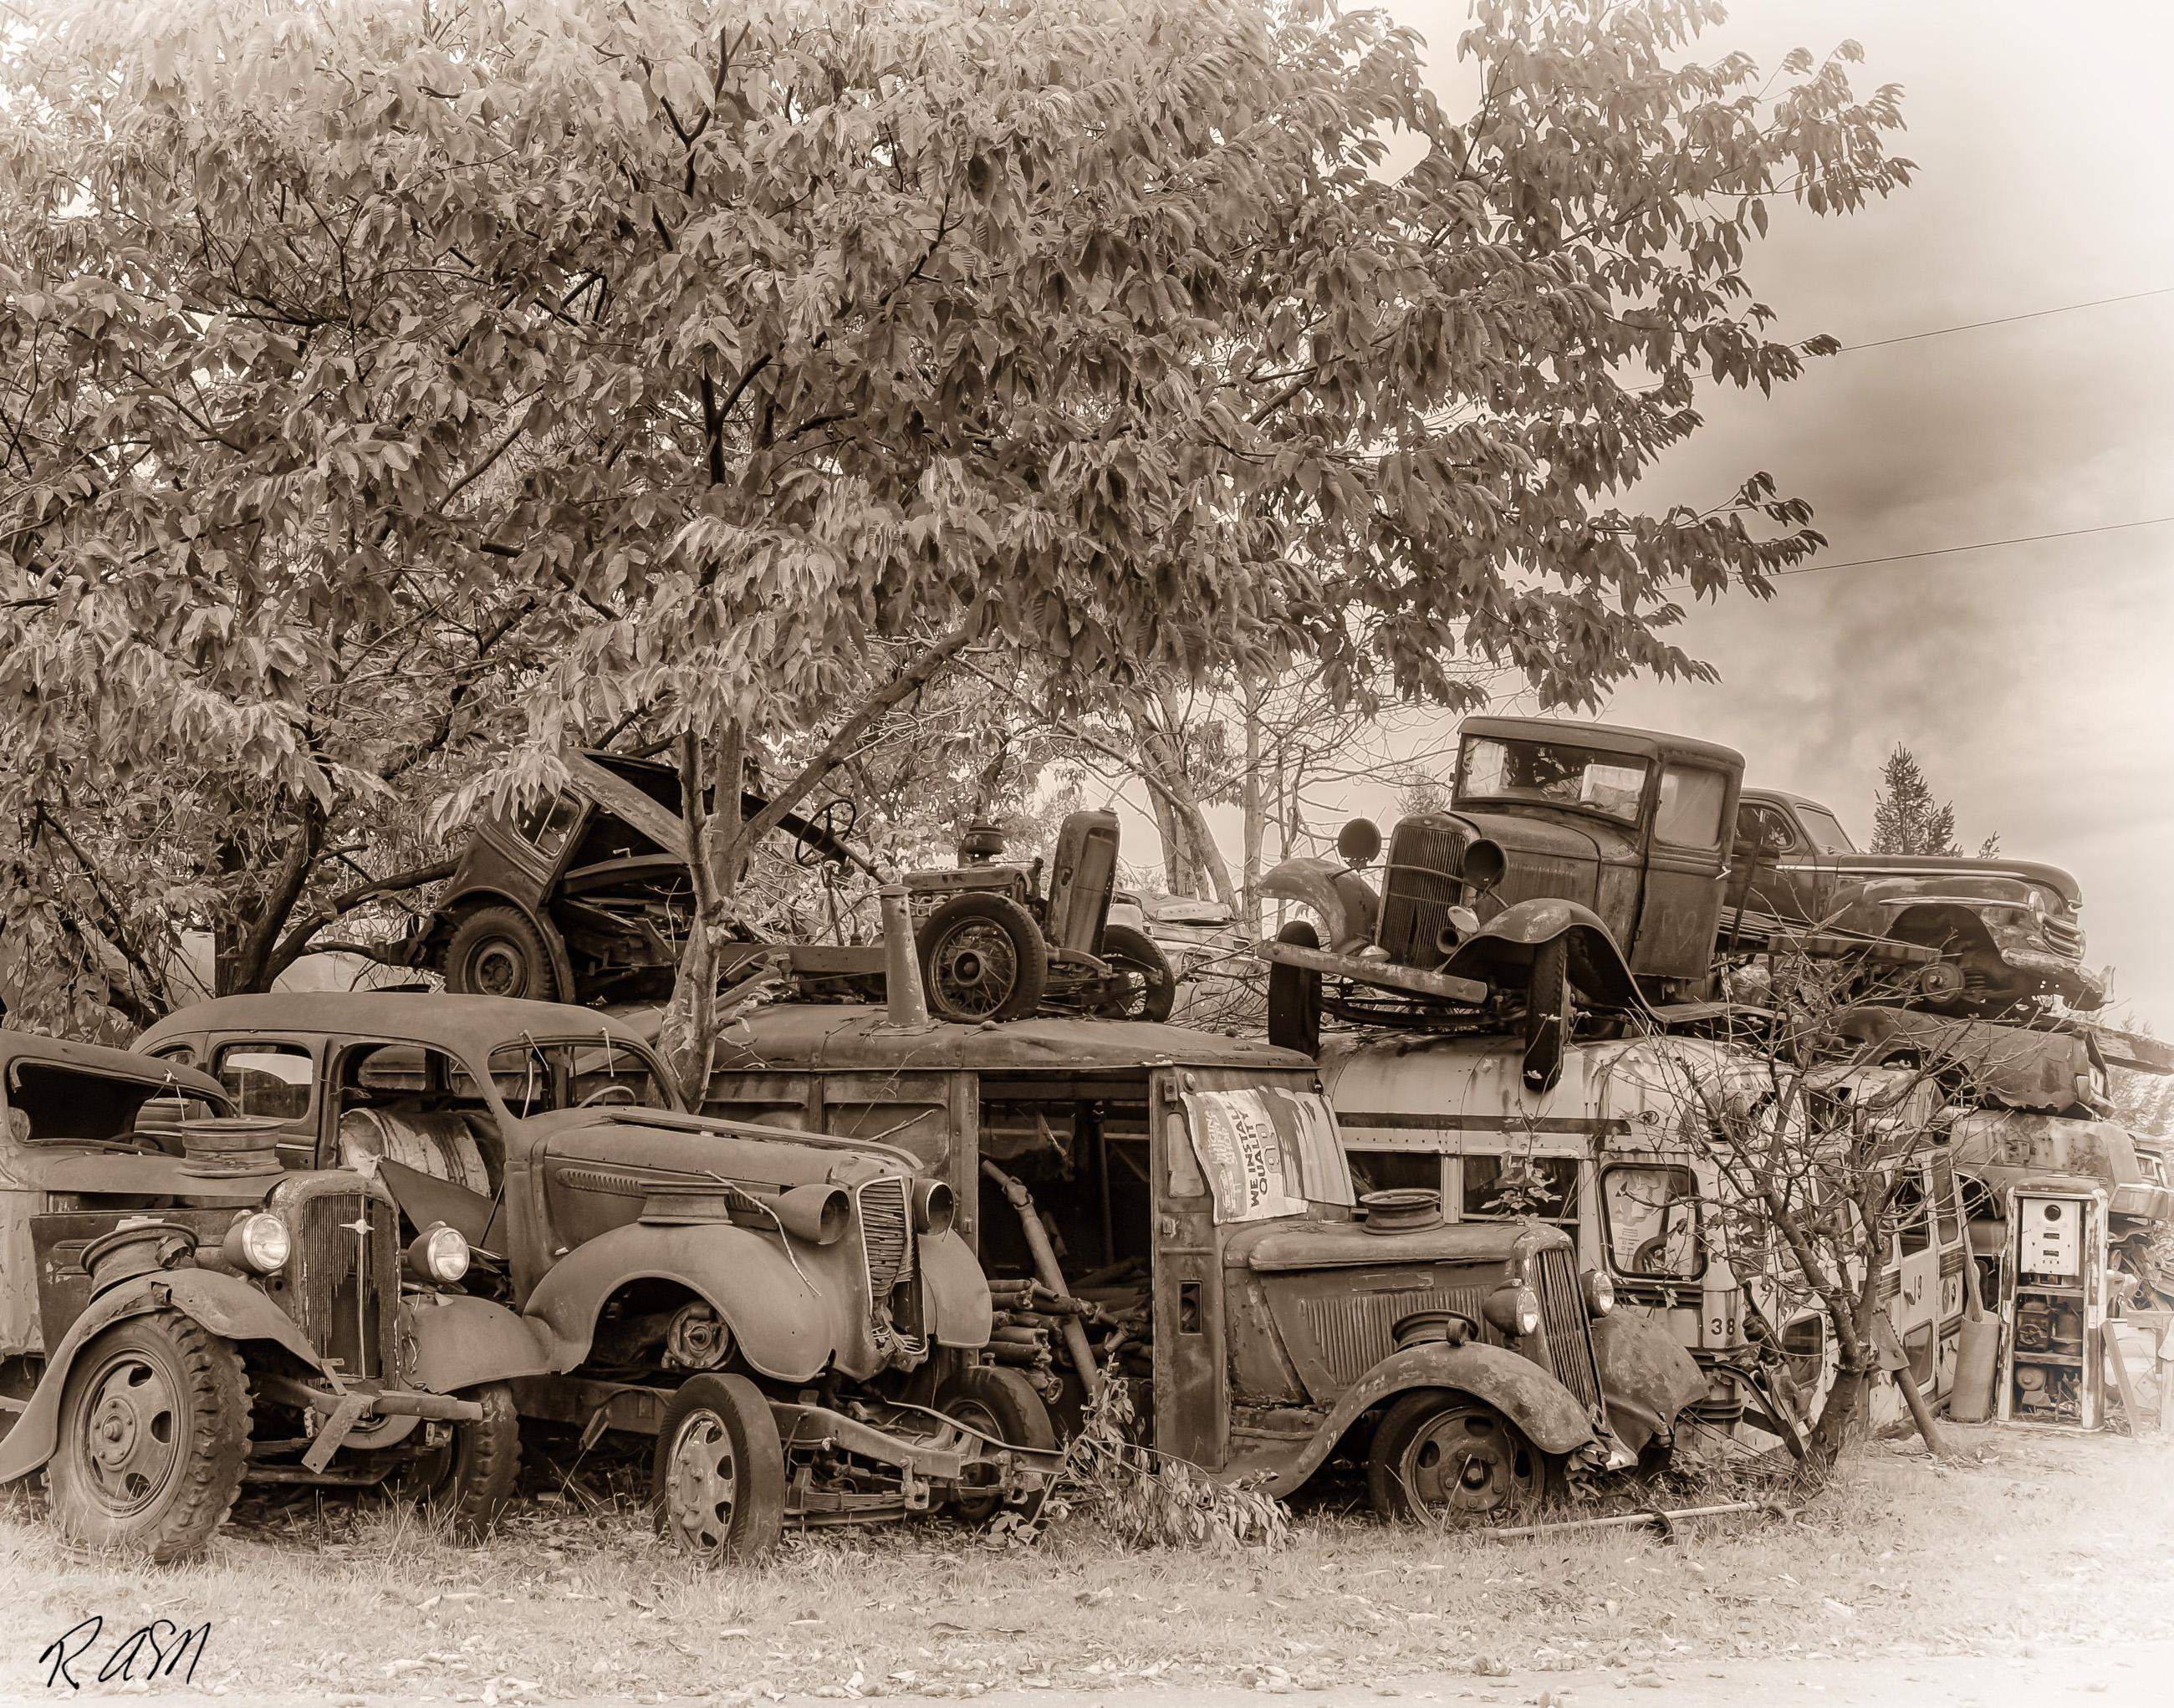 Abandoned-Cars-2